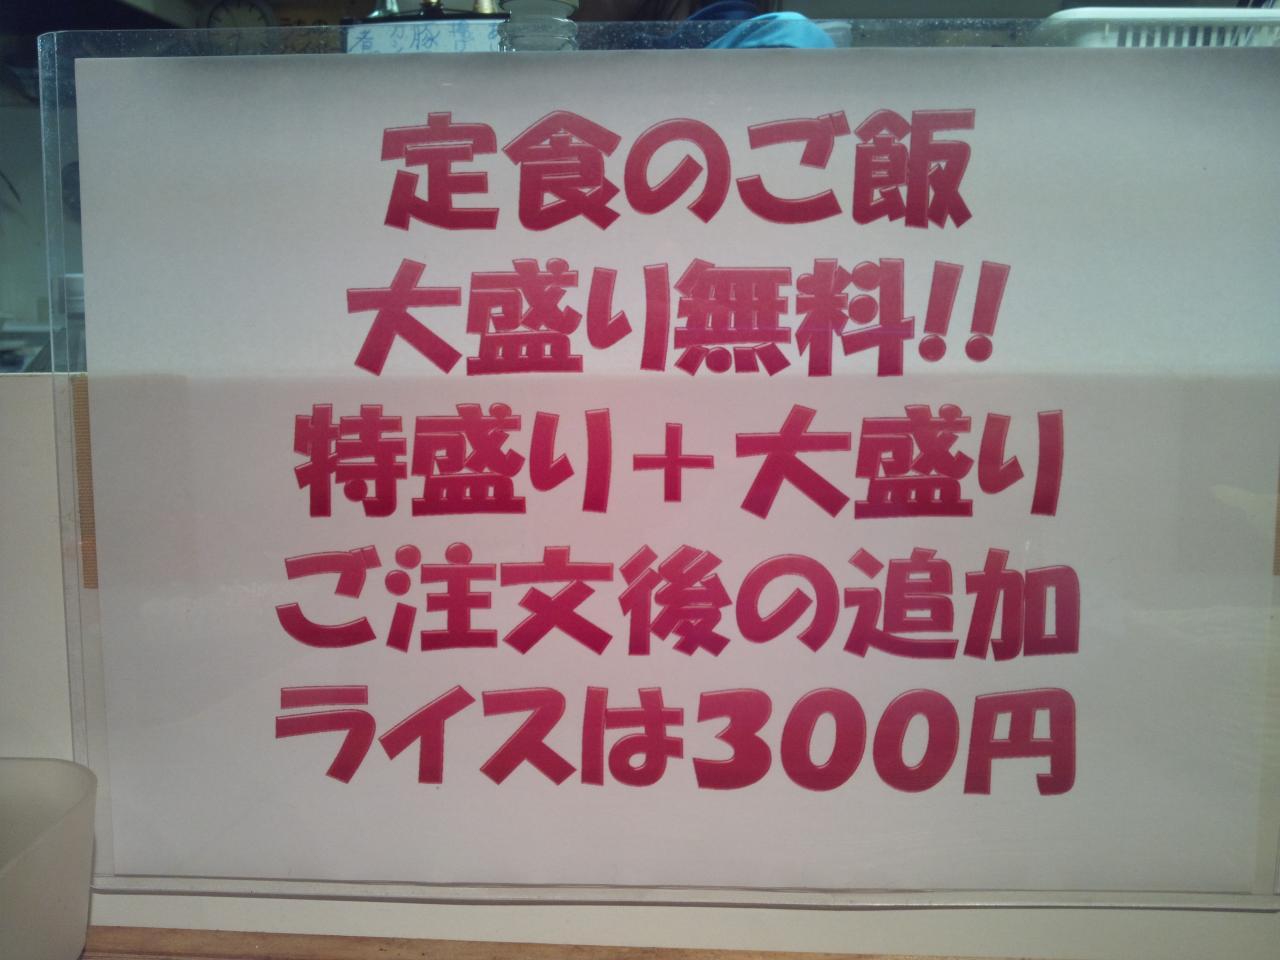 えぞや六角橋店(価格改定)